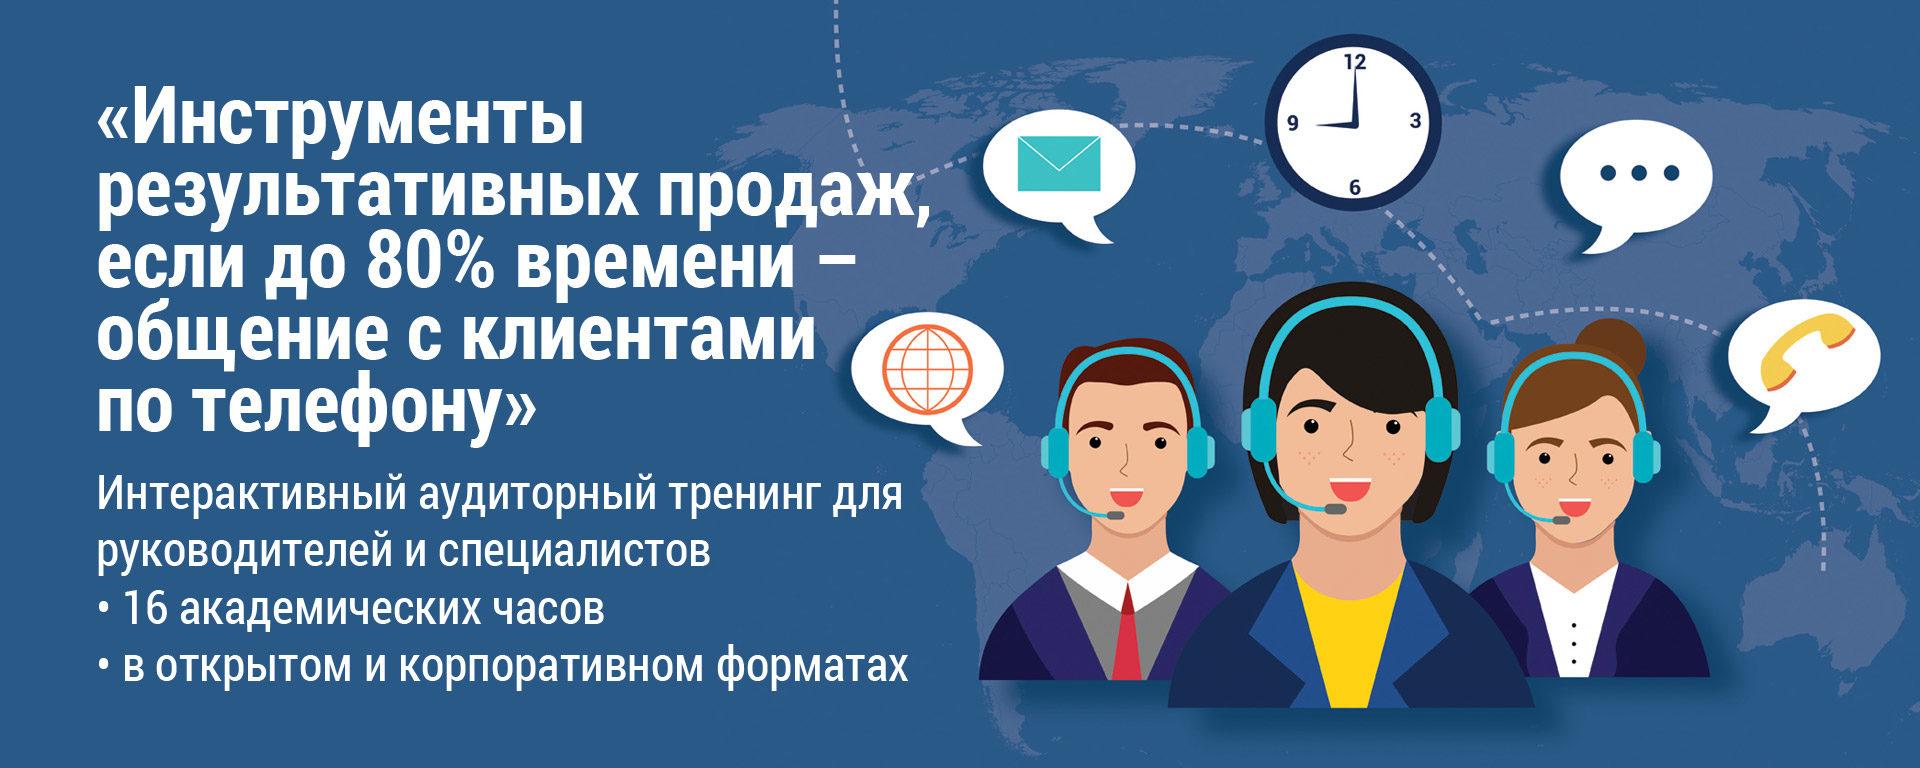 Тренинг «Инструменты результативных продаж, если до 80% времени – общение с клиентами по телефону»